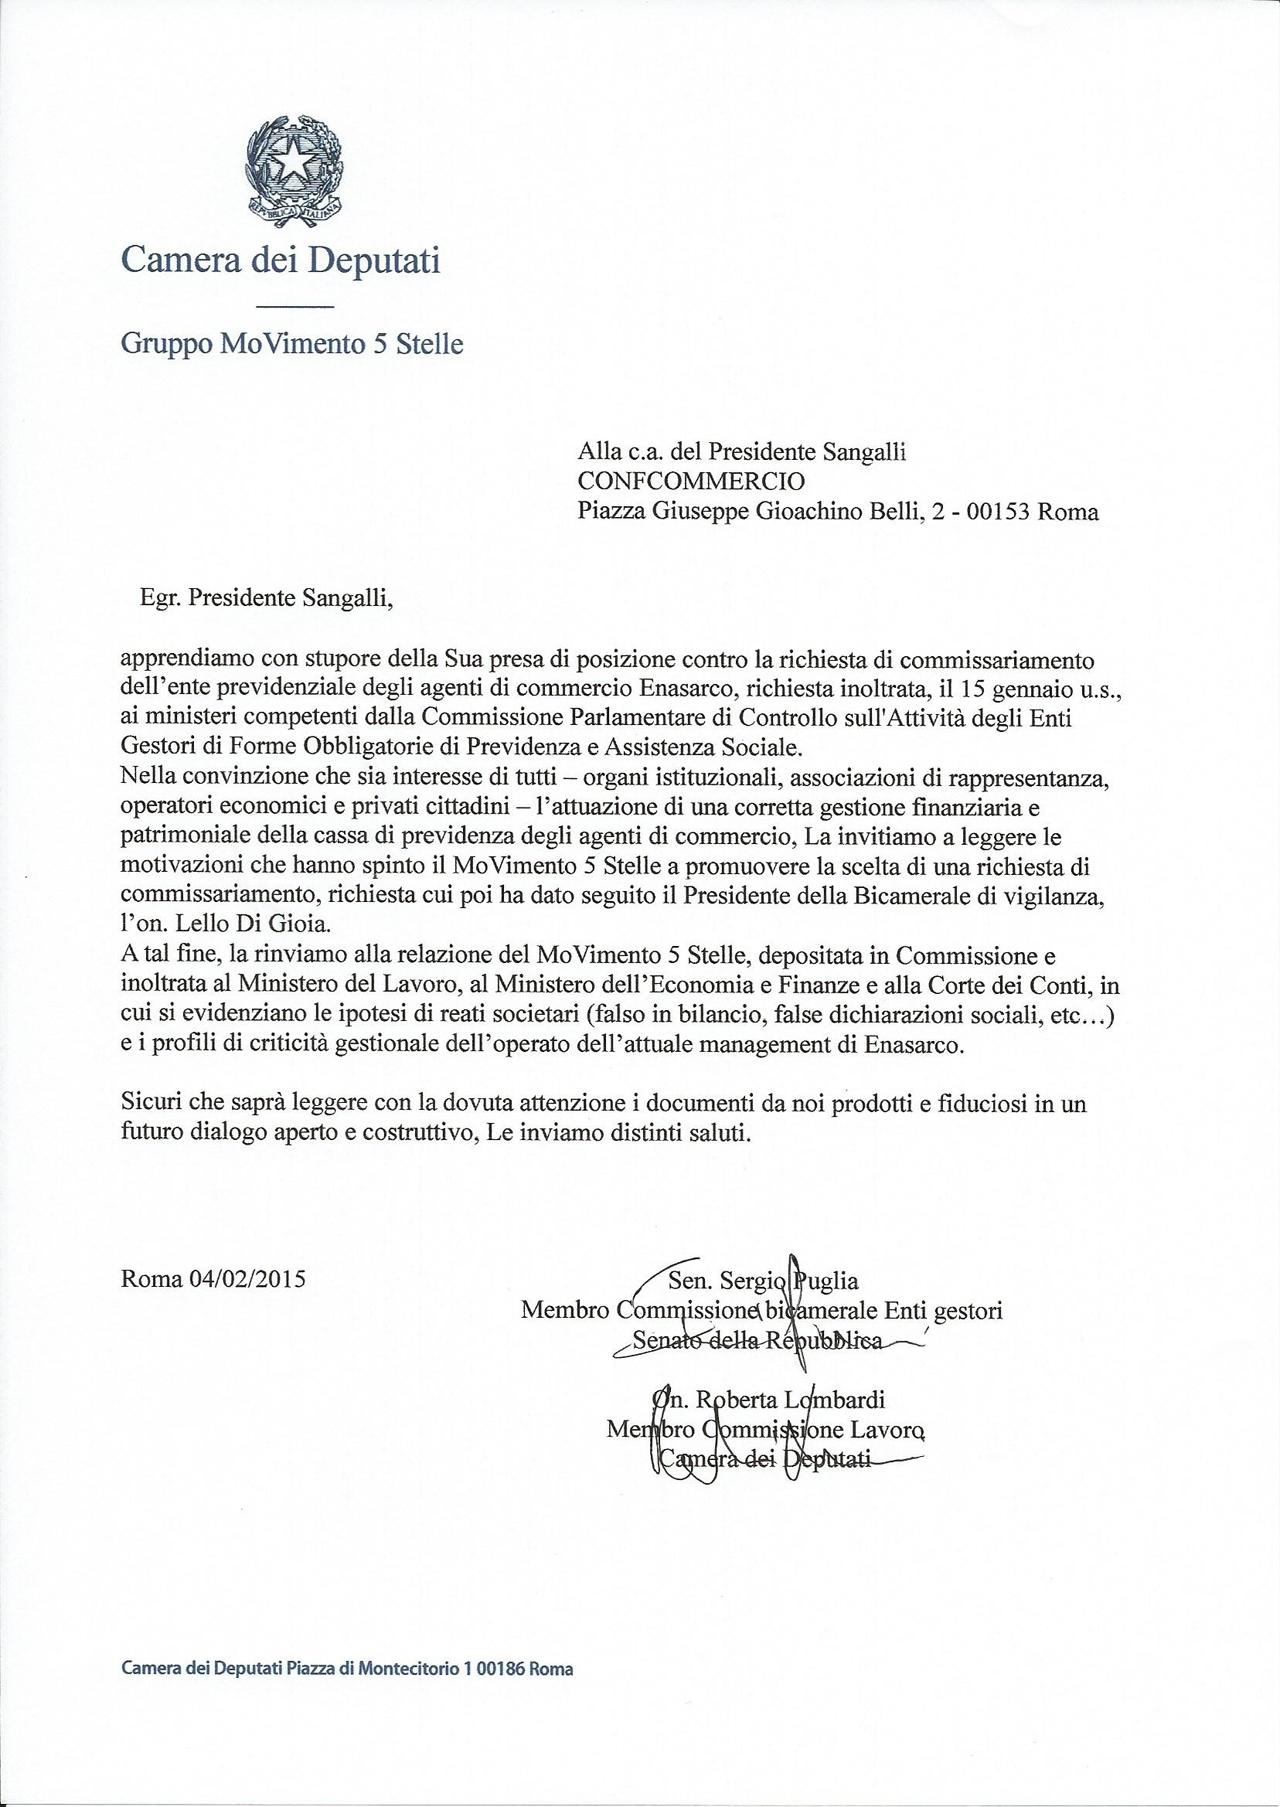 lombardi_puglia__lettera_presidente_sangalli_